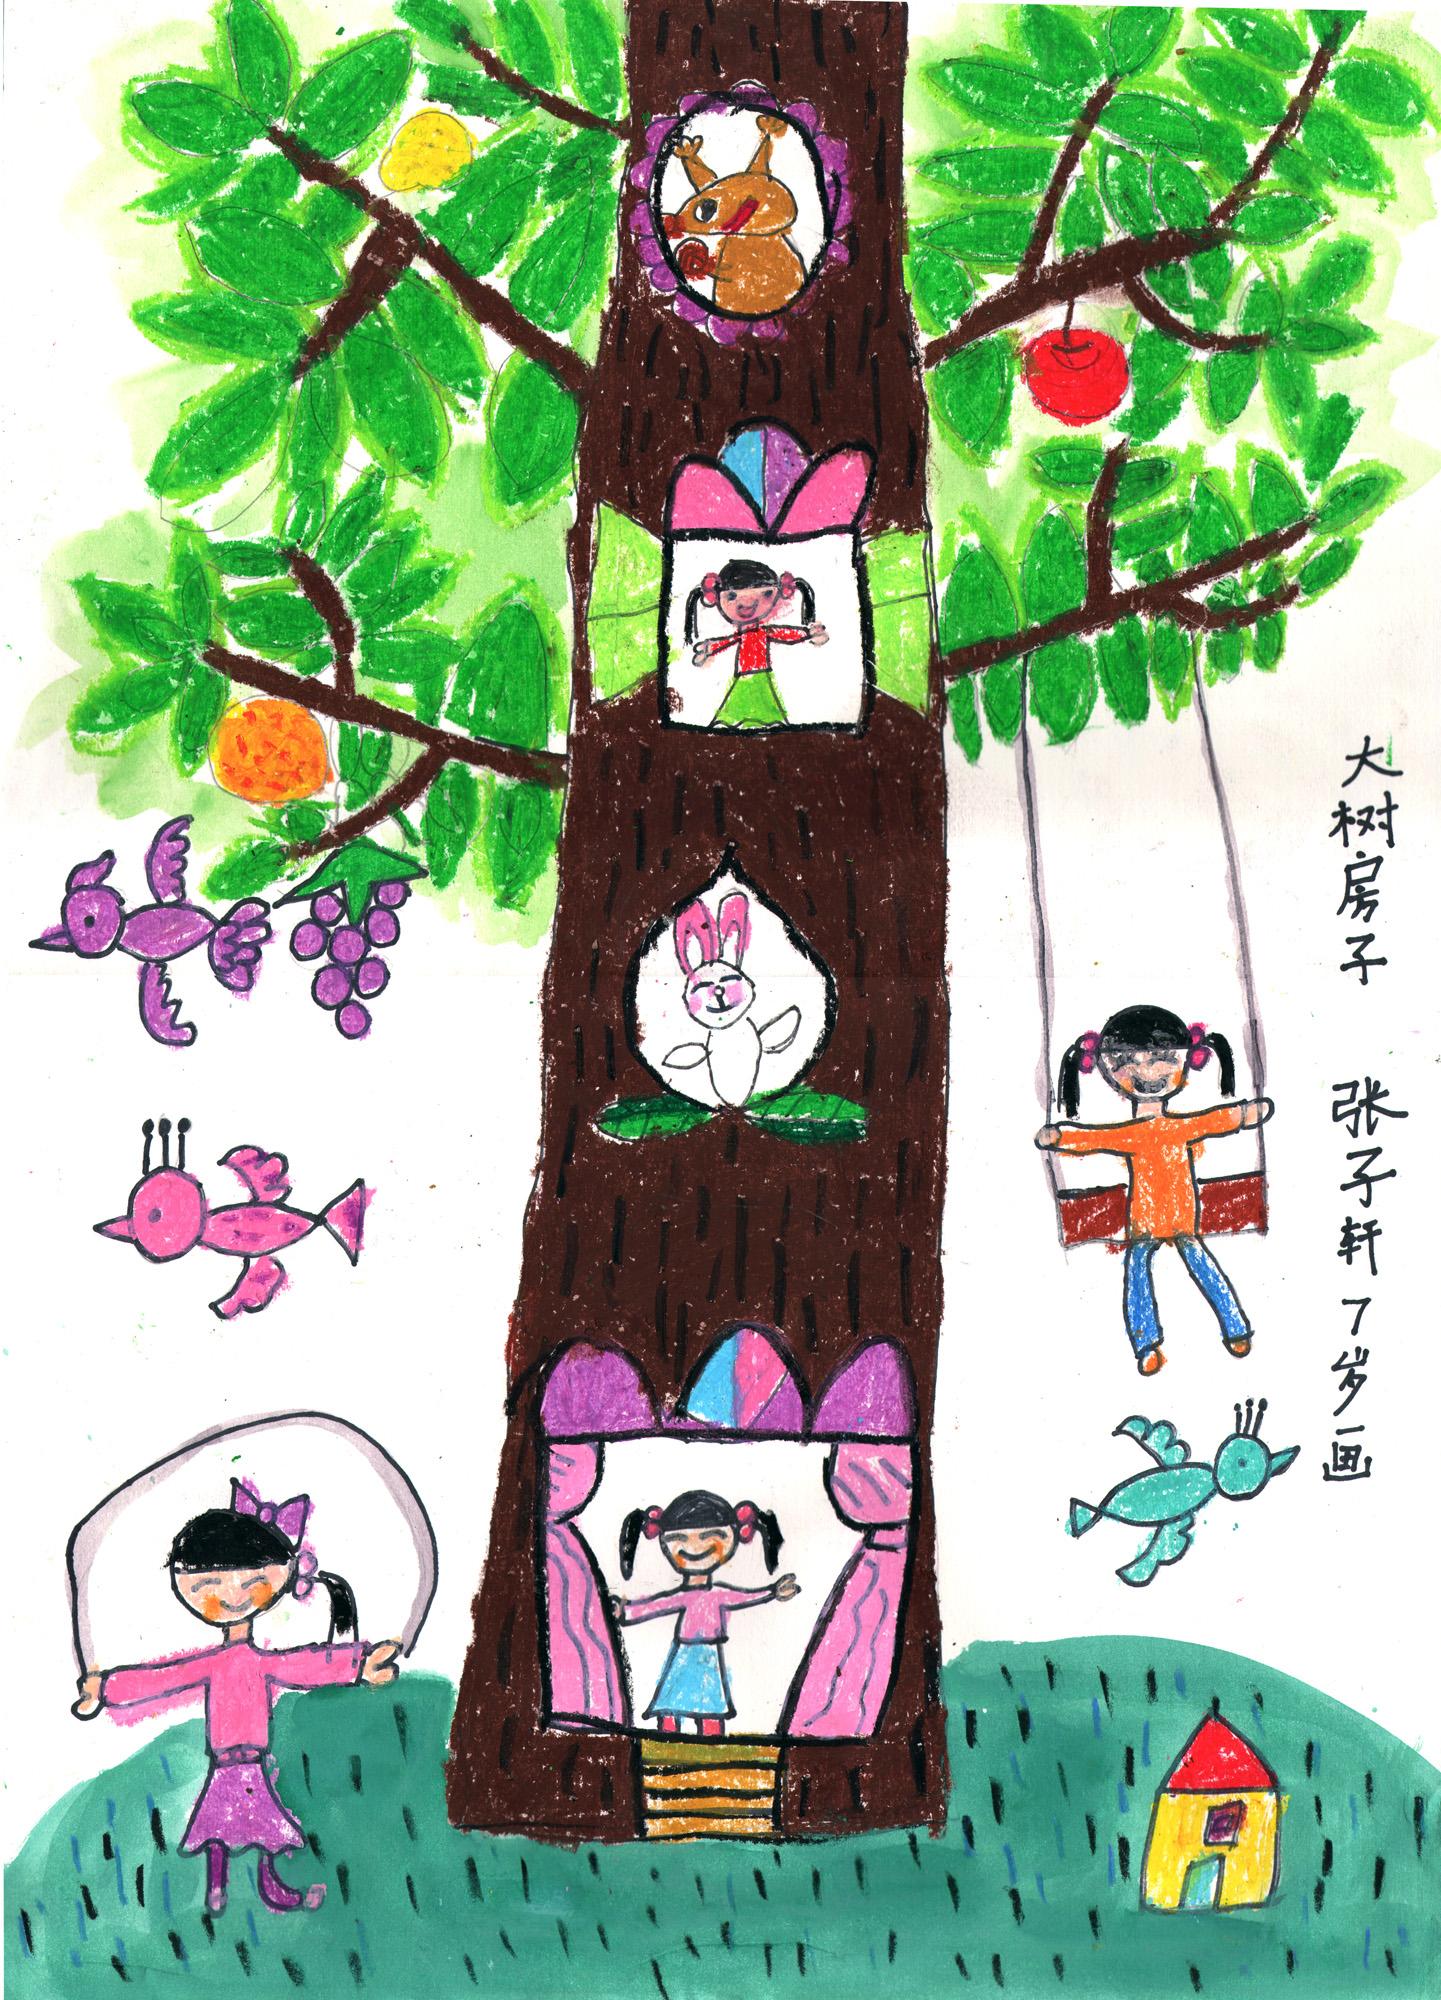 大树-蜡笔画图集9